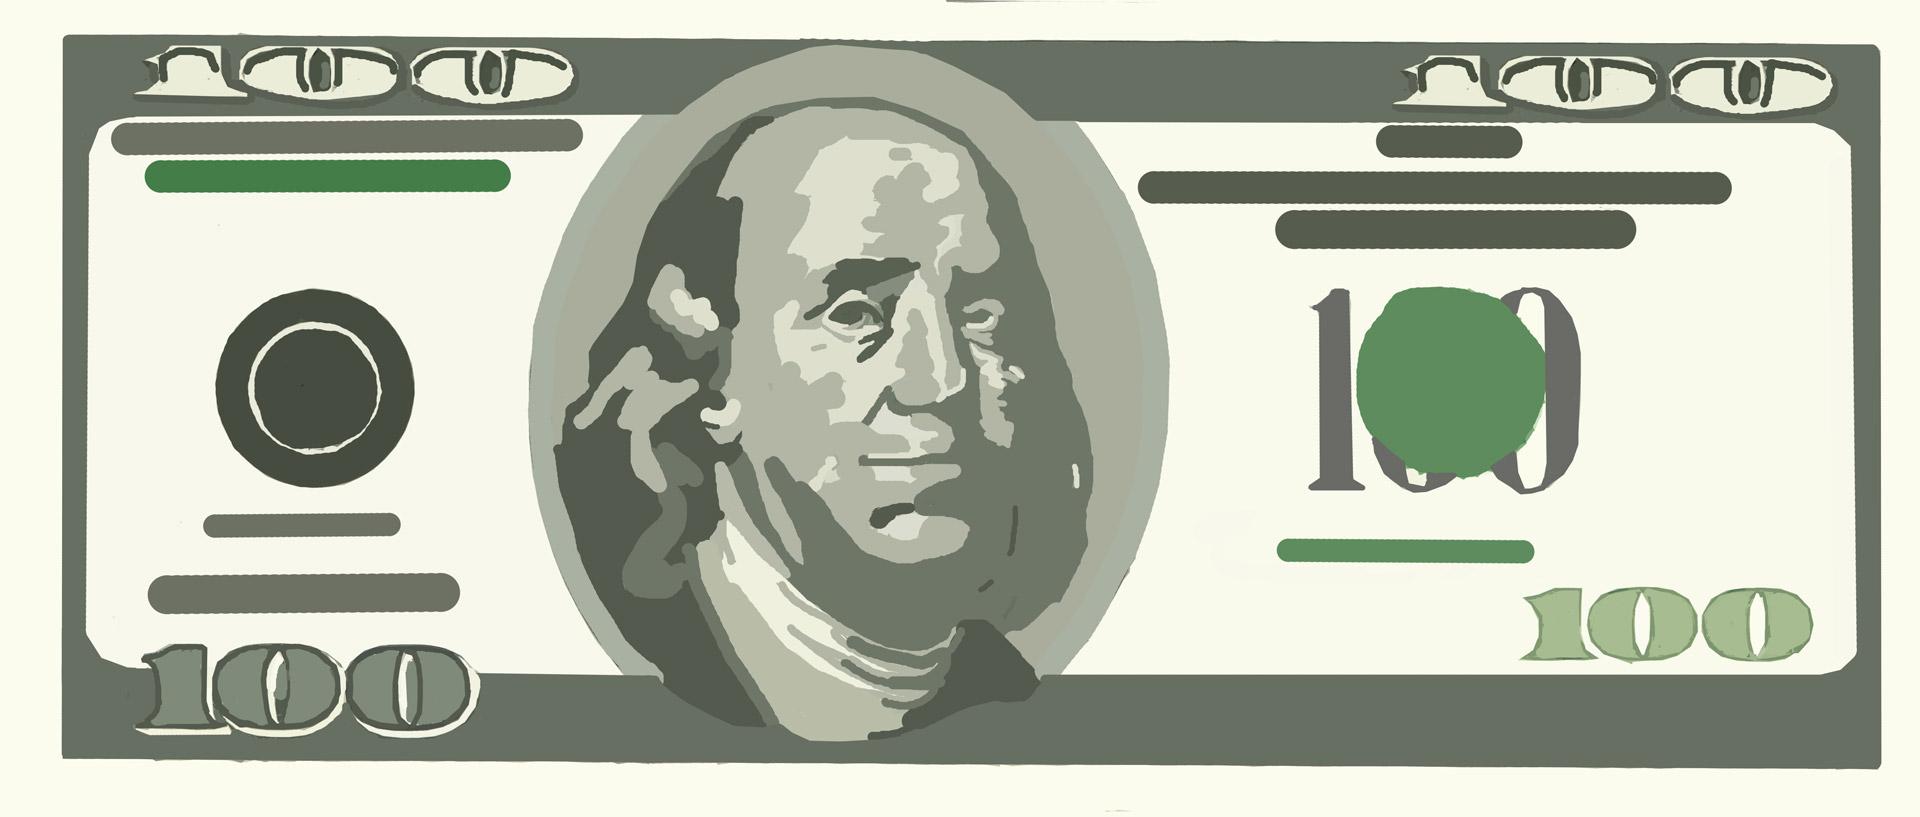 Cash clipart paper money. Clip art free stock